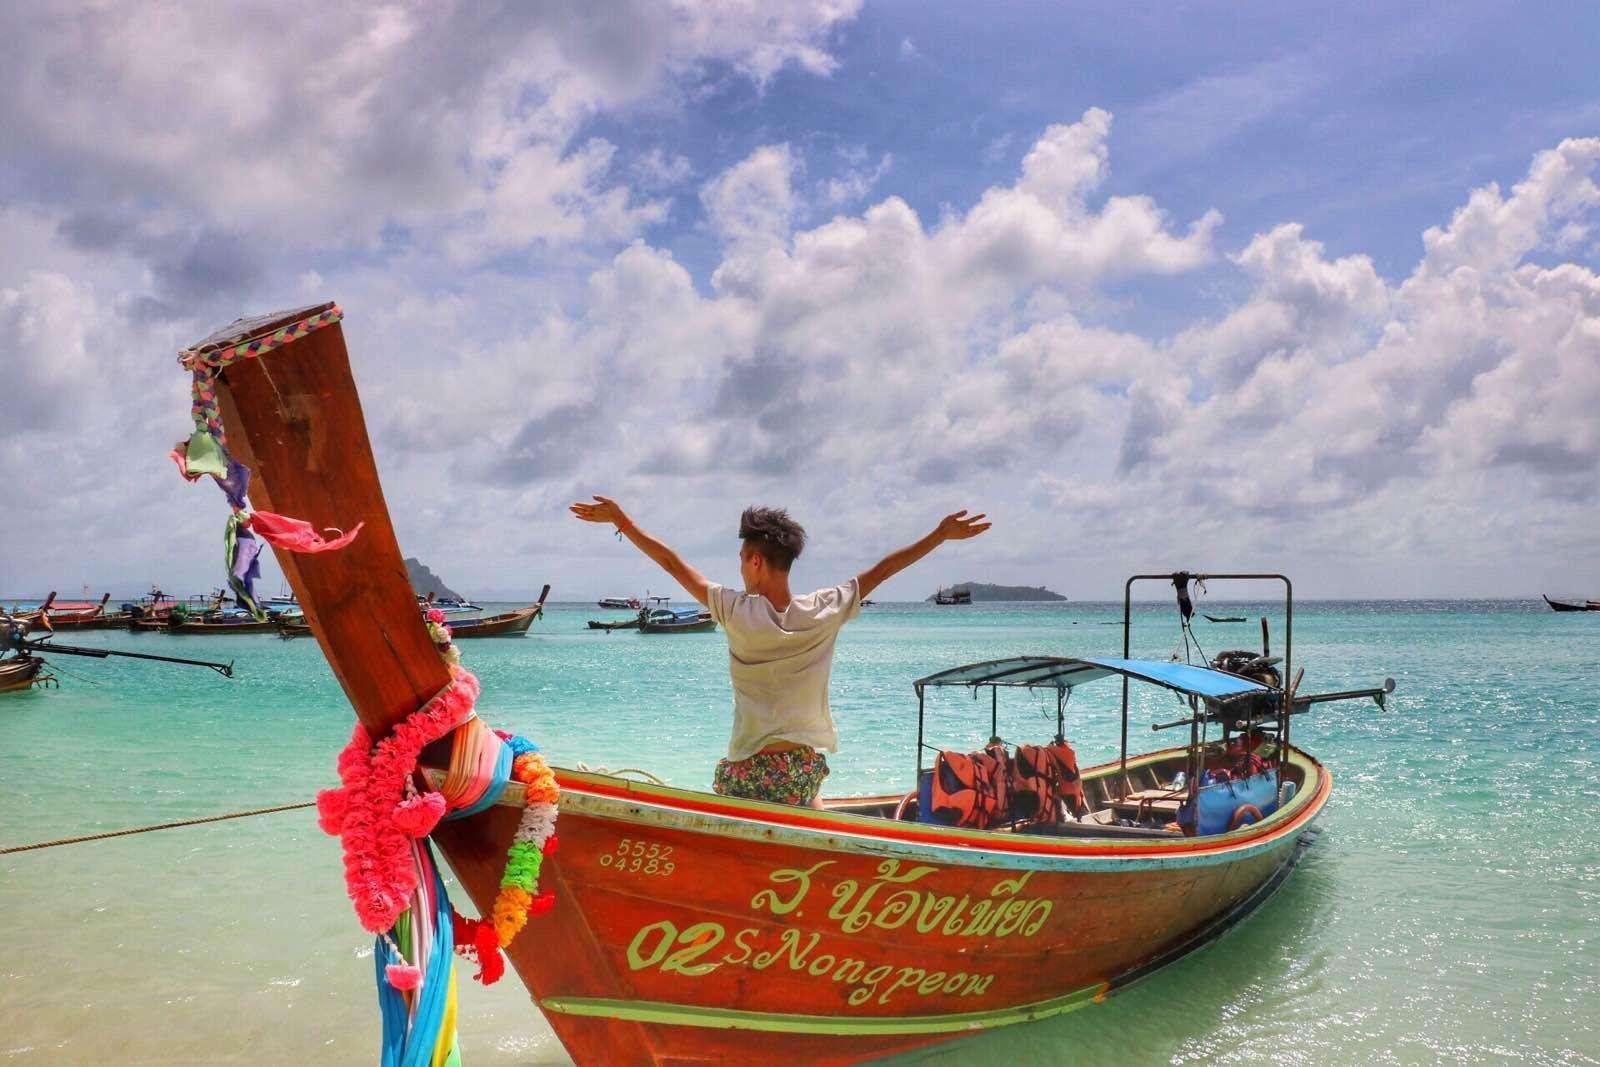 泰国清迈+普吉岛9日7晚私家团(4钻)·【清普双重奏】2晚宿别墅+指定2晚卡利玛·无边泳池海景房+2大网红餐厅·夜访动物园+皮皮出海·2日全天自由·赠电话卡